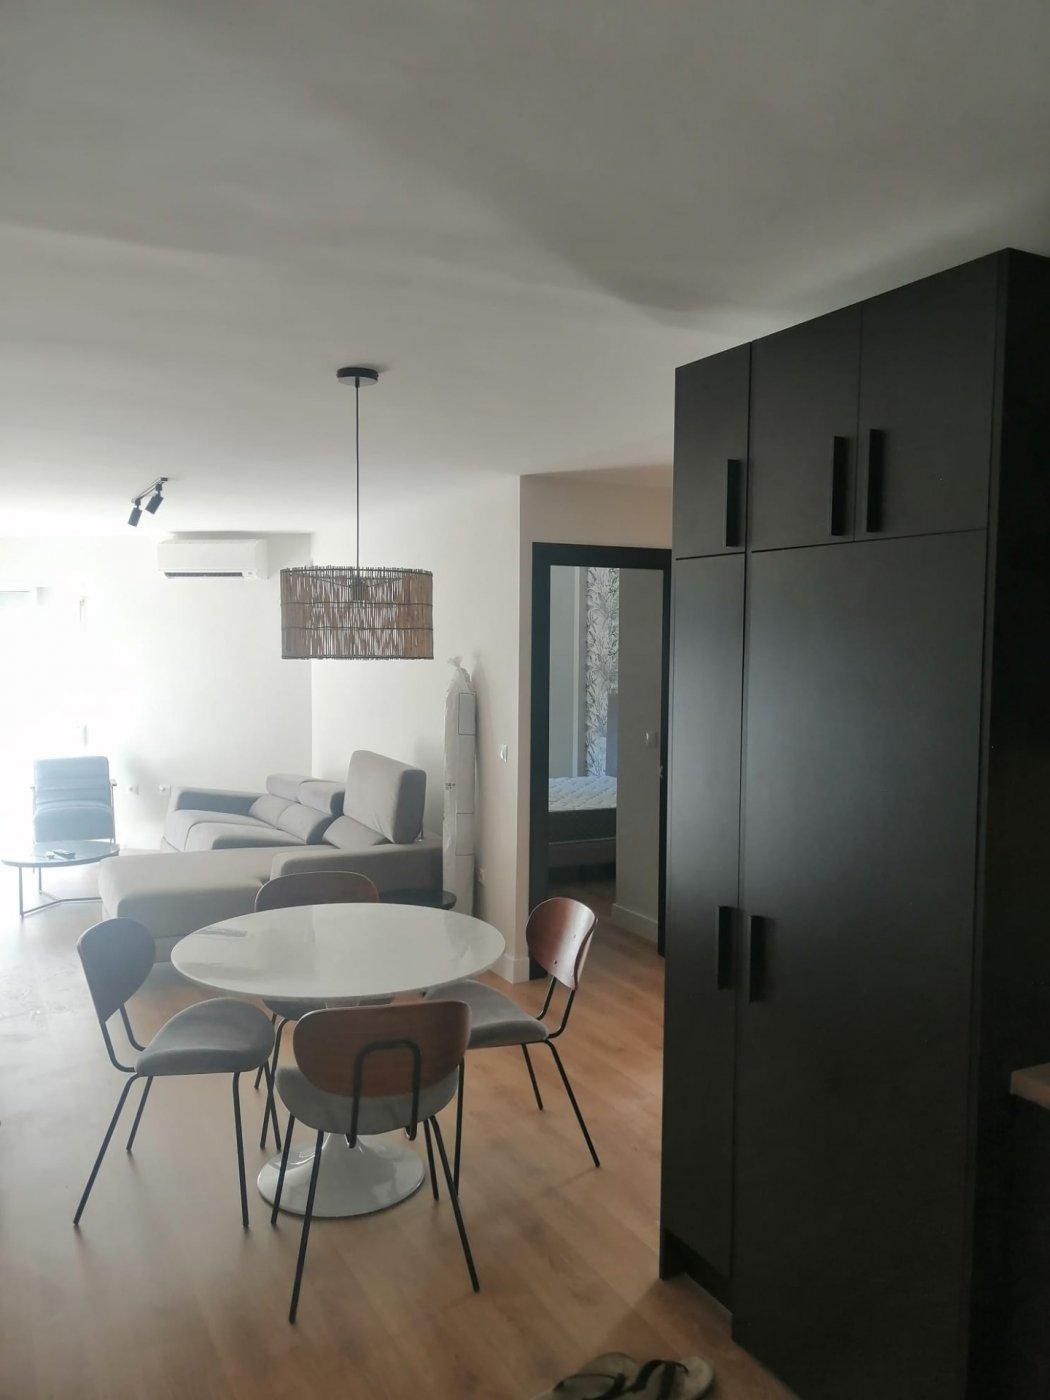 Apartamento 2 dormitorios en la cariihuela - imagenInmueble4